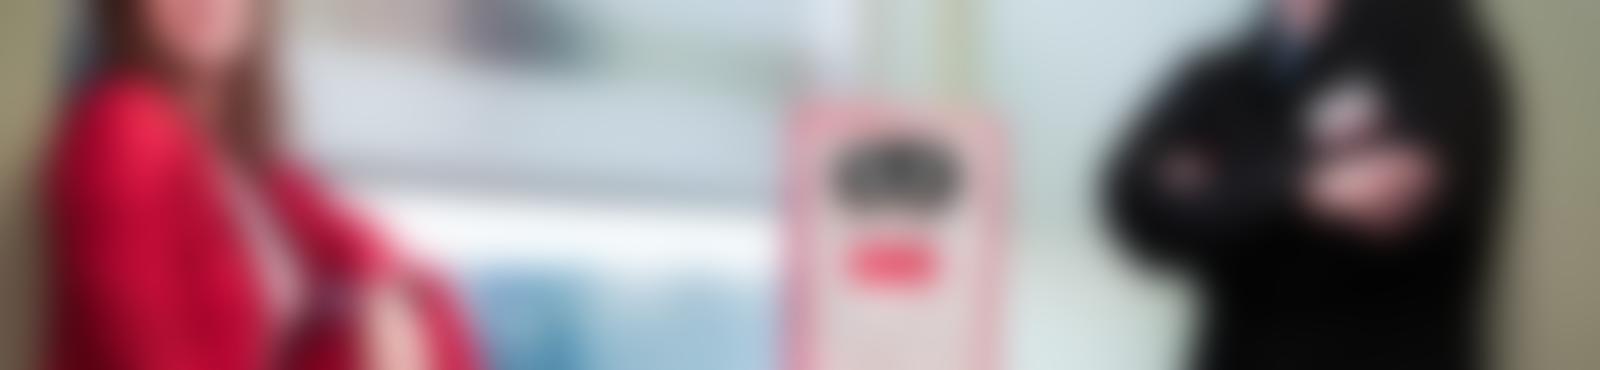 Blurred cd8b75a1 7853 4639 8b66 5c2d230adb76